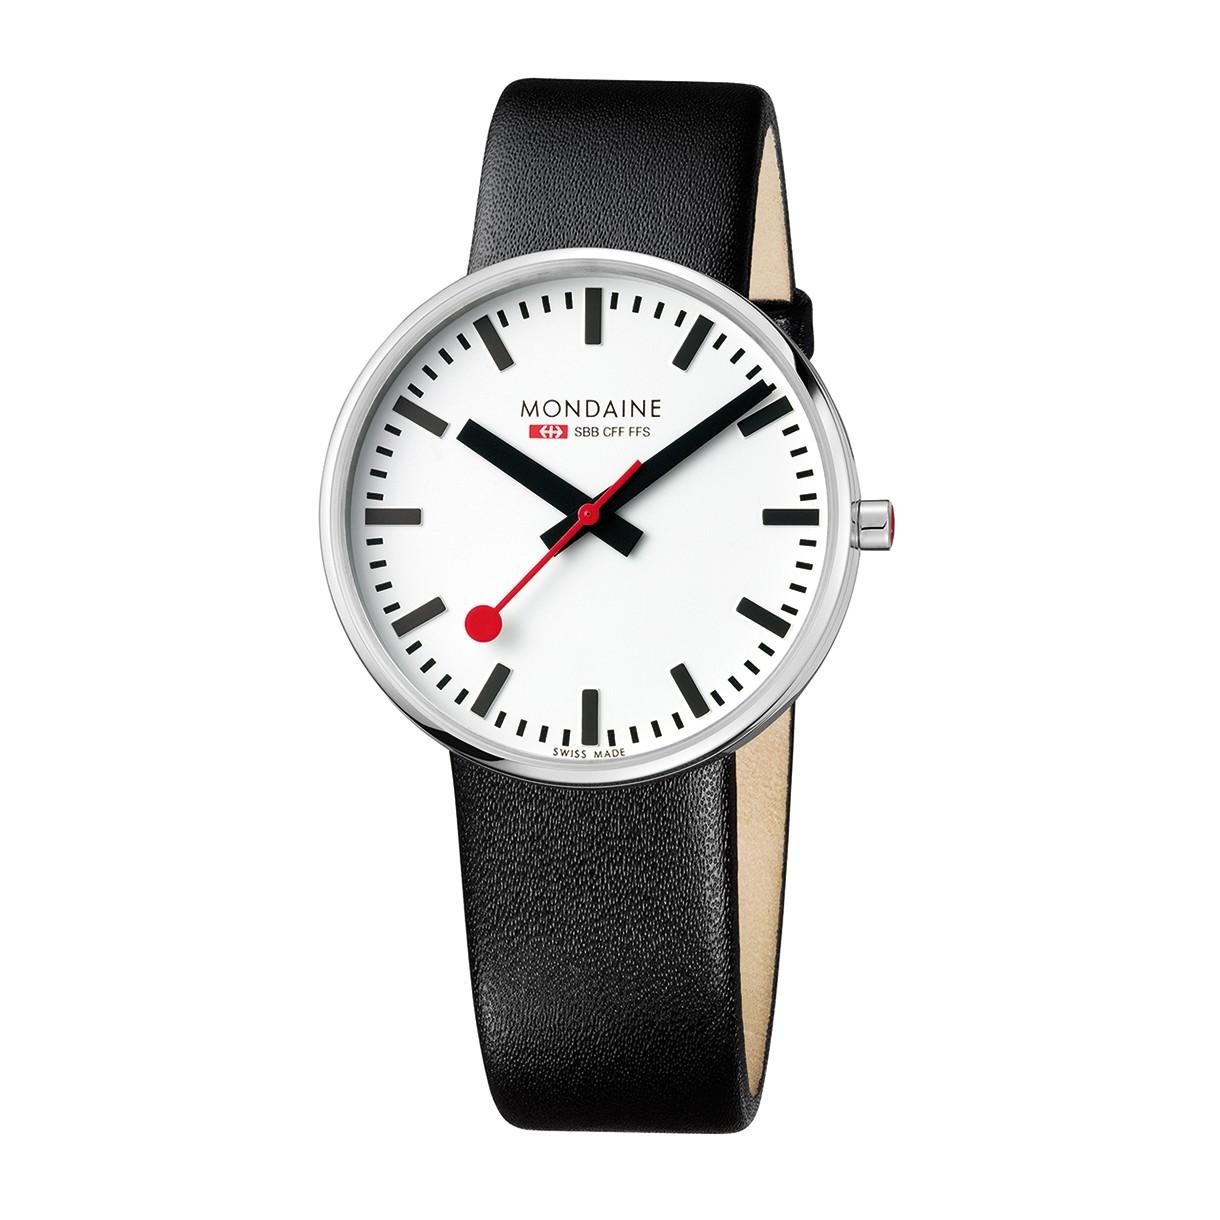 Mondaine swiss watch GIANT - A660.30328.11SBB